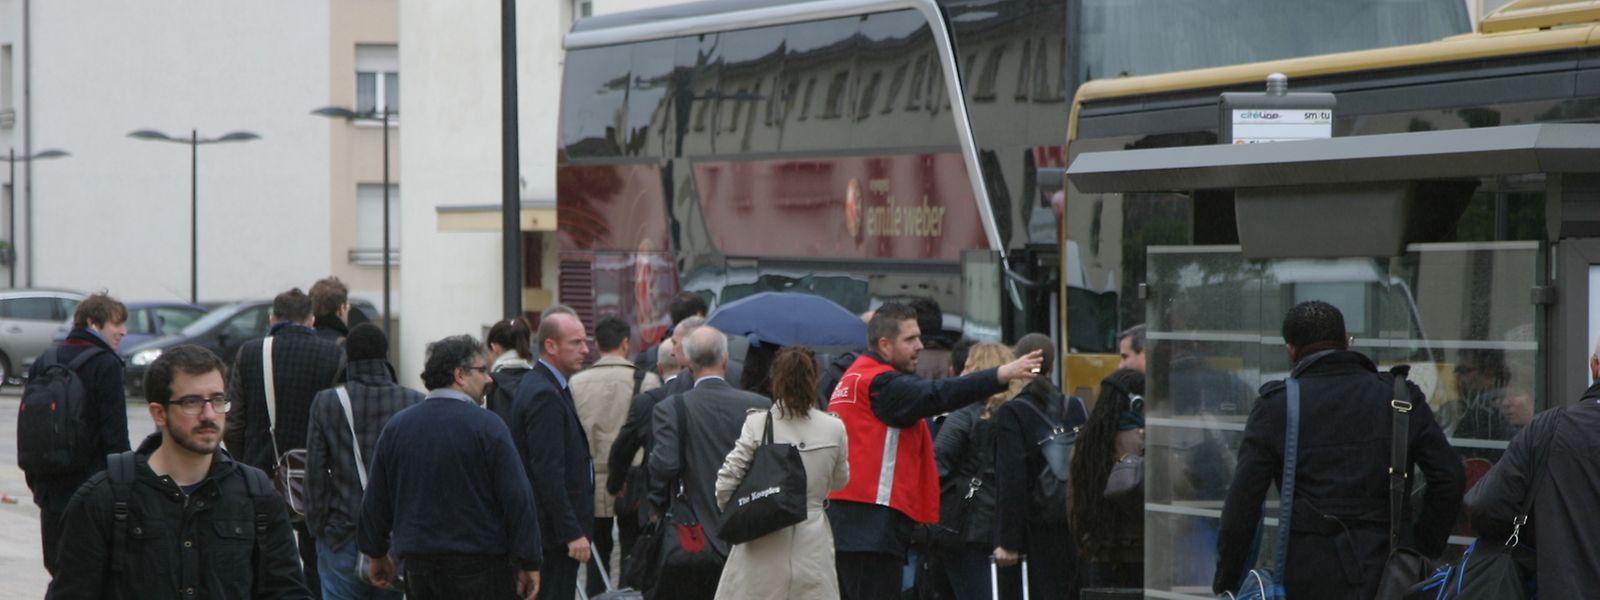 Des bus de substitution circuleront à partir de 5h30 ce jeudi matin entre Thionville et Bettembourg.